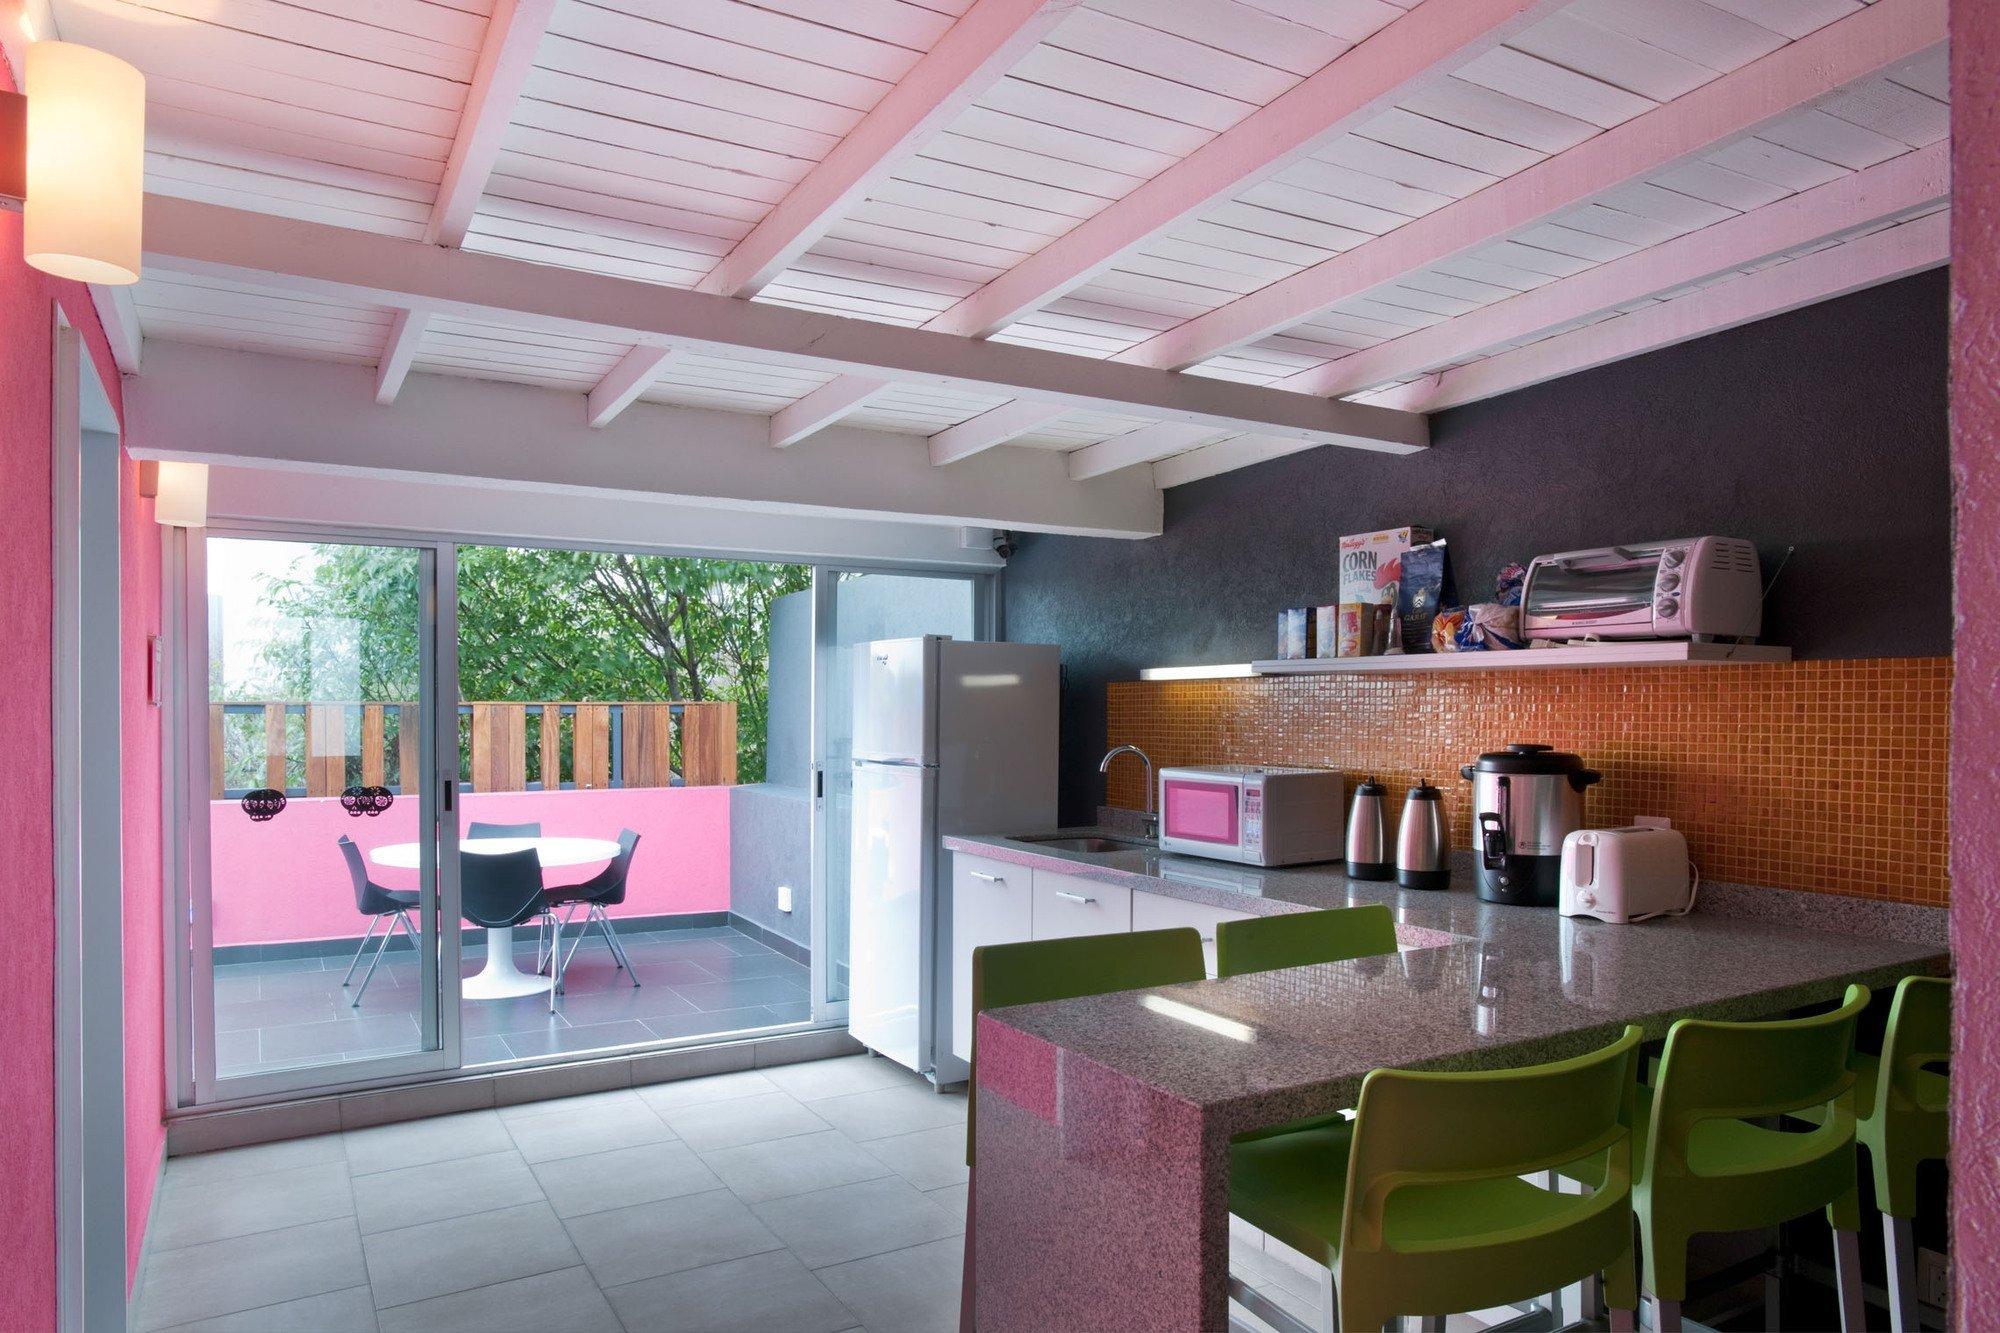 Gallery Of Hostel La Buena Vida Arco Arquitectura